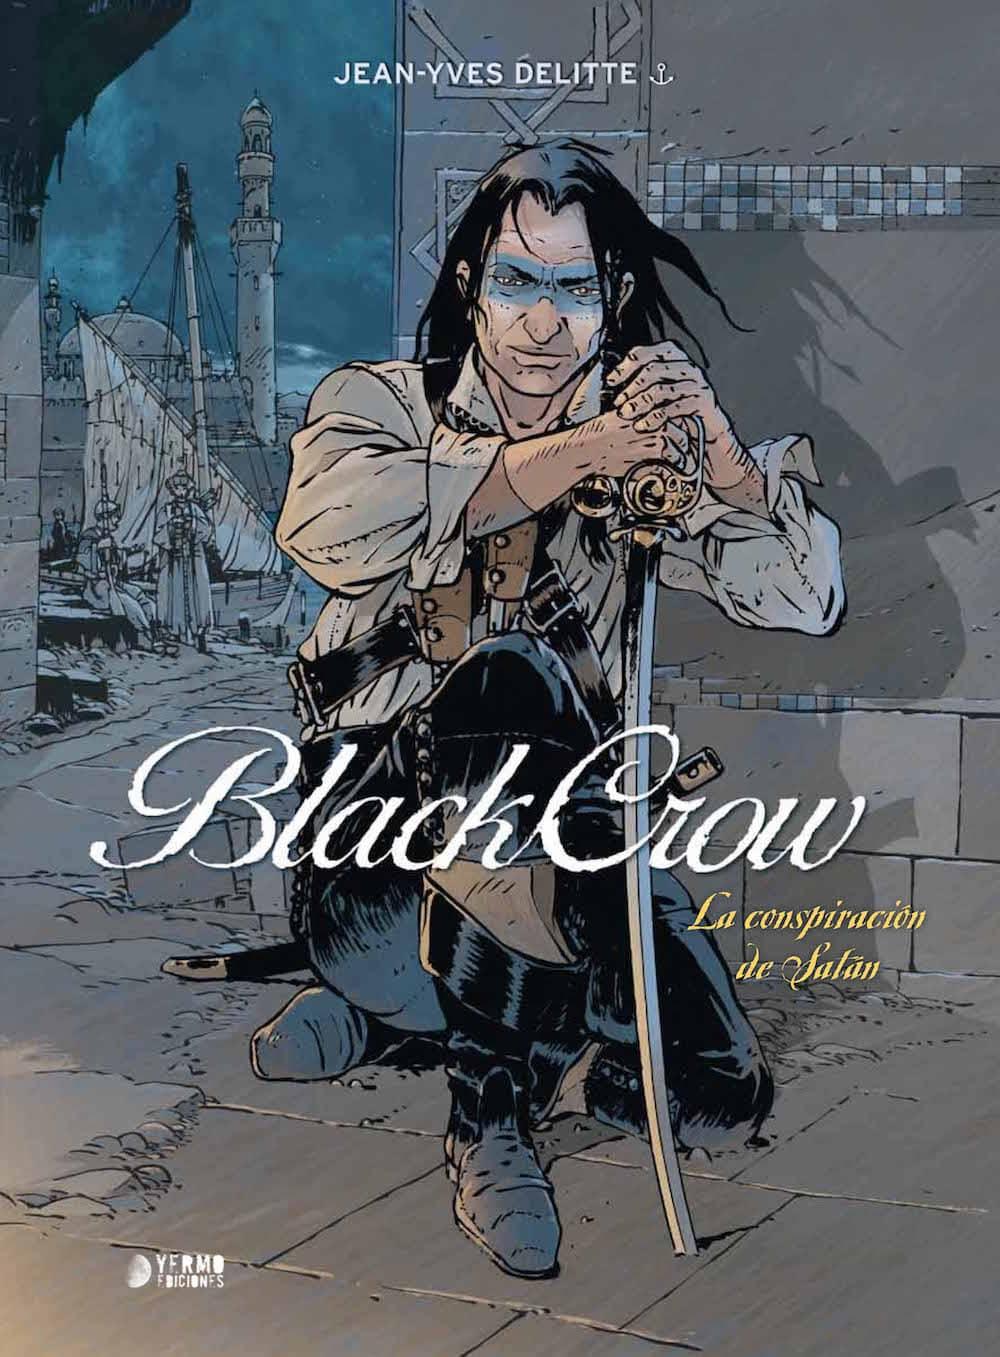 BLACK CROW 02: LA CONSPIRACION DE SATAN